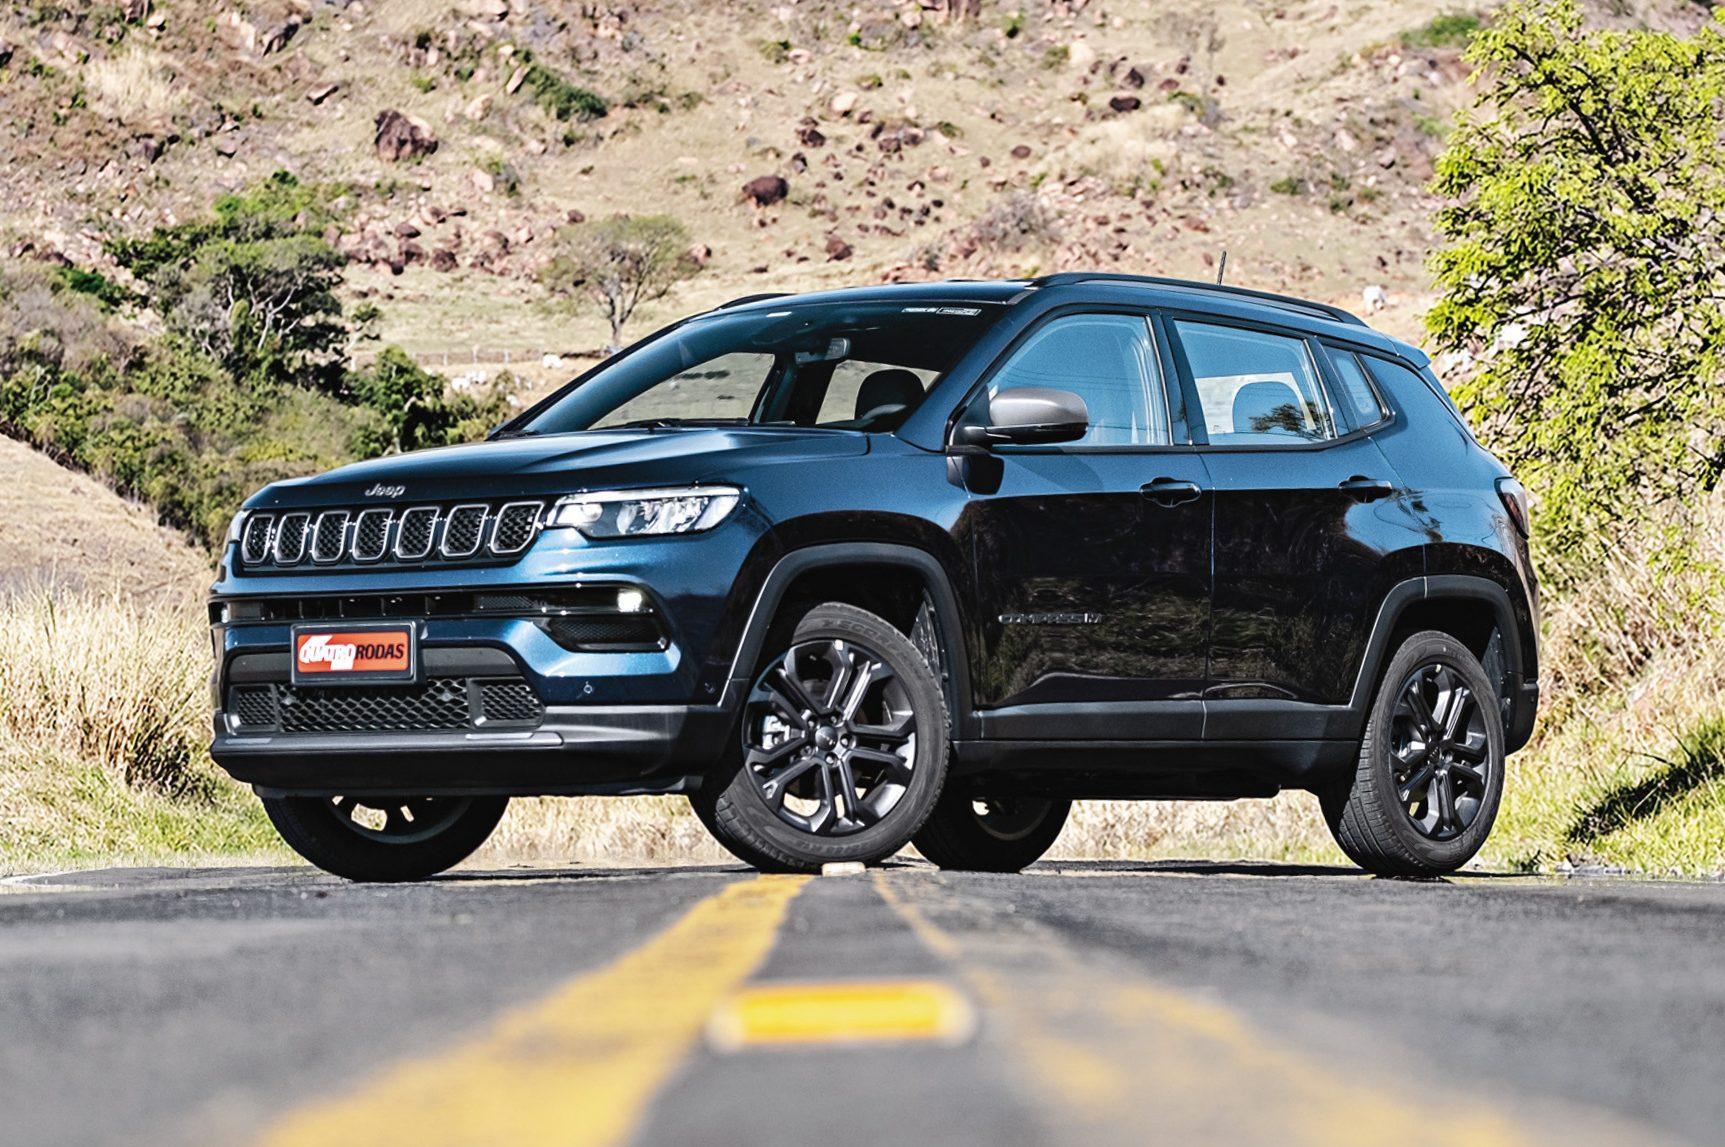 Jeep Compass 2022 1.3 turbo estreia no Longa Duração para rodar 100.000 km